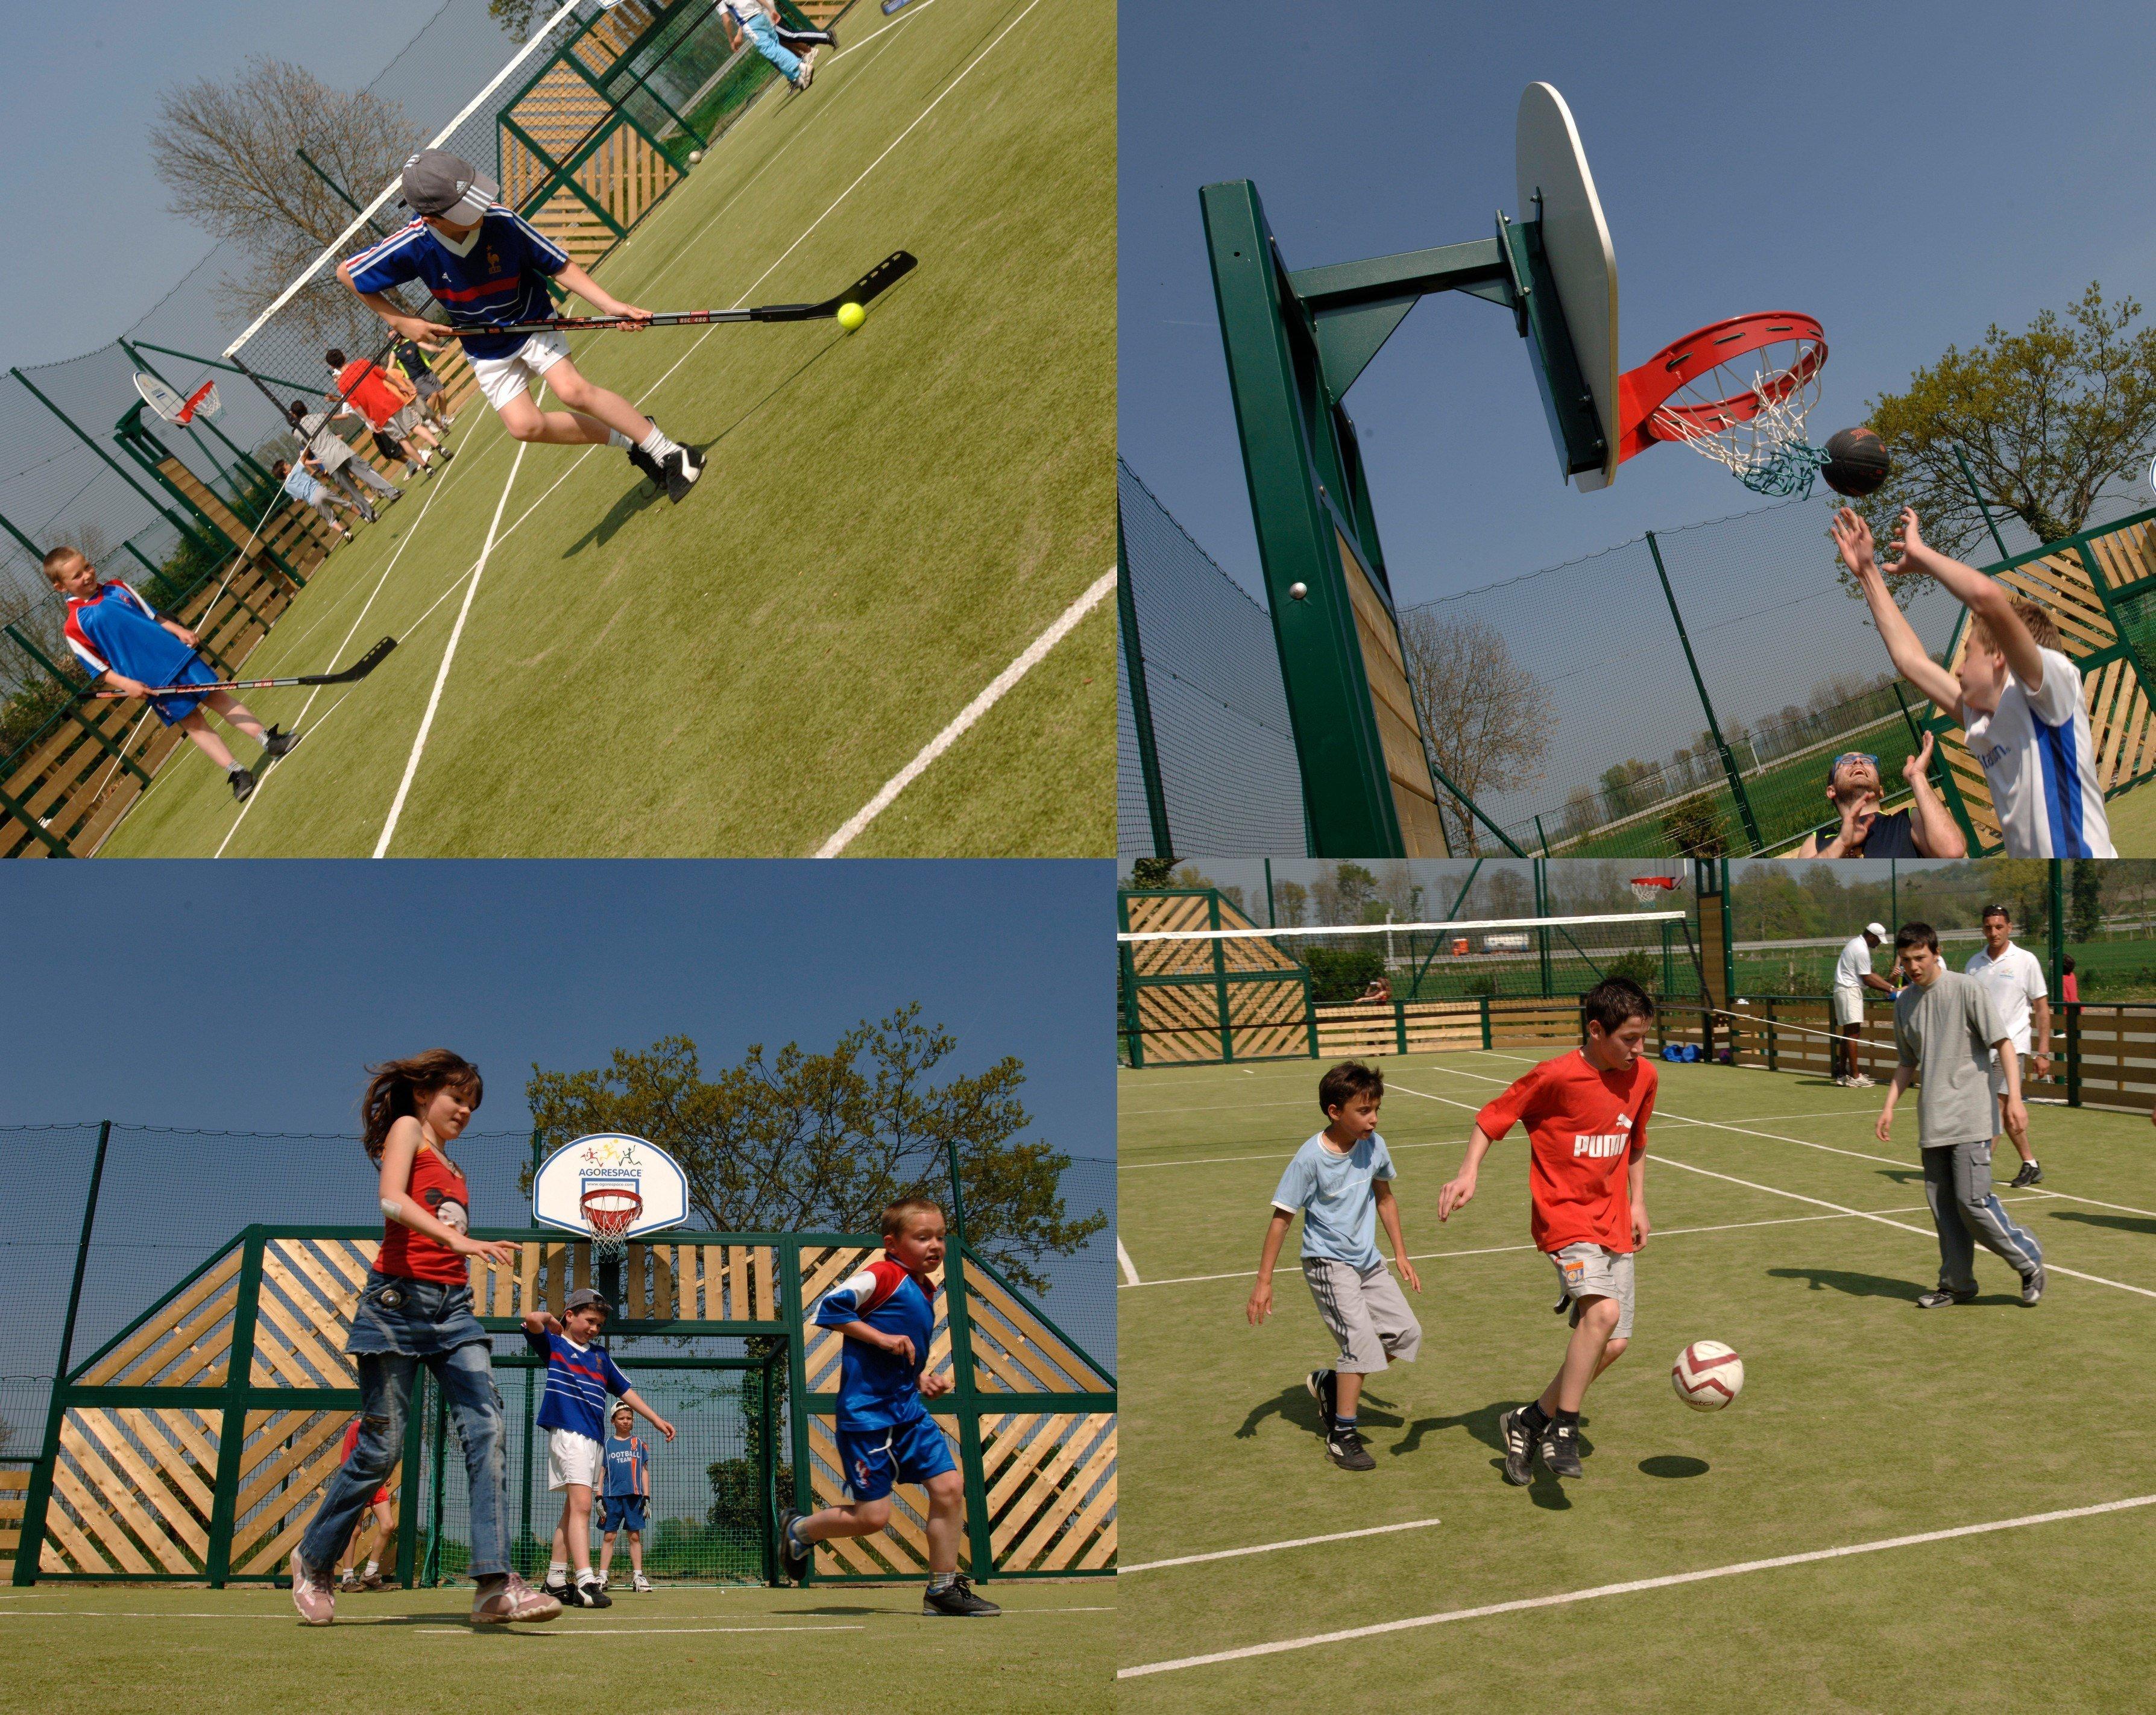 Pratiques sportives et infrastructures sportives de proximité